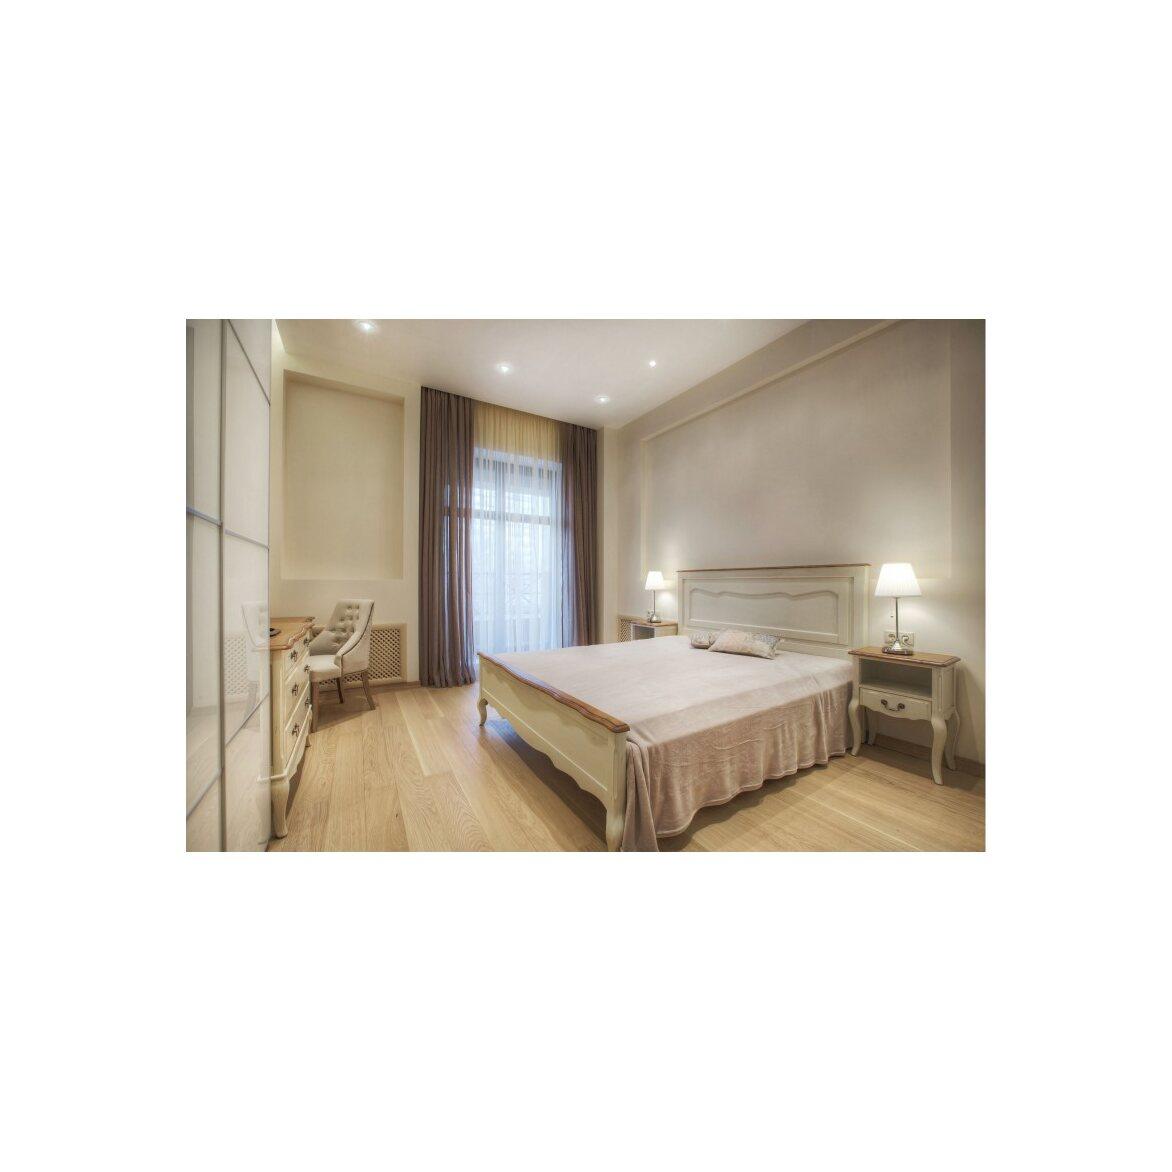 Кровать двуспальная 160*200 Leontina, бежевого цвета 3   Двуспальные кровати Kingsby